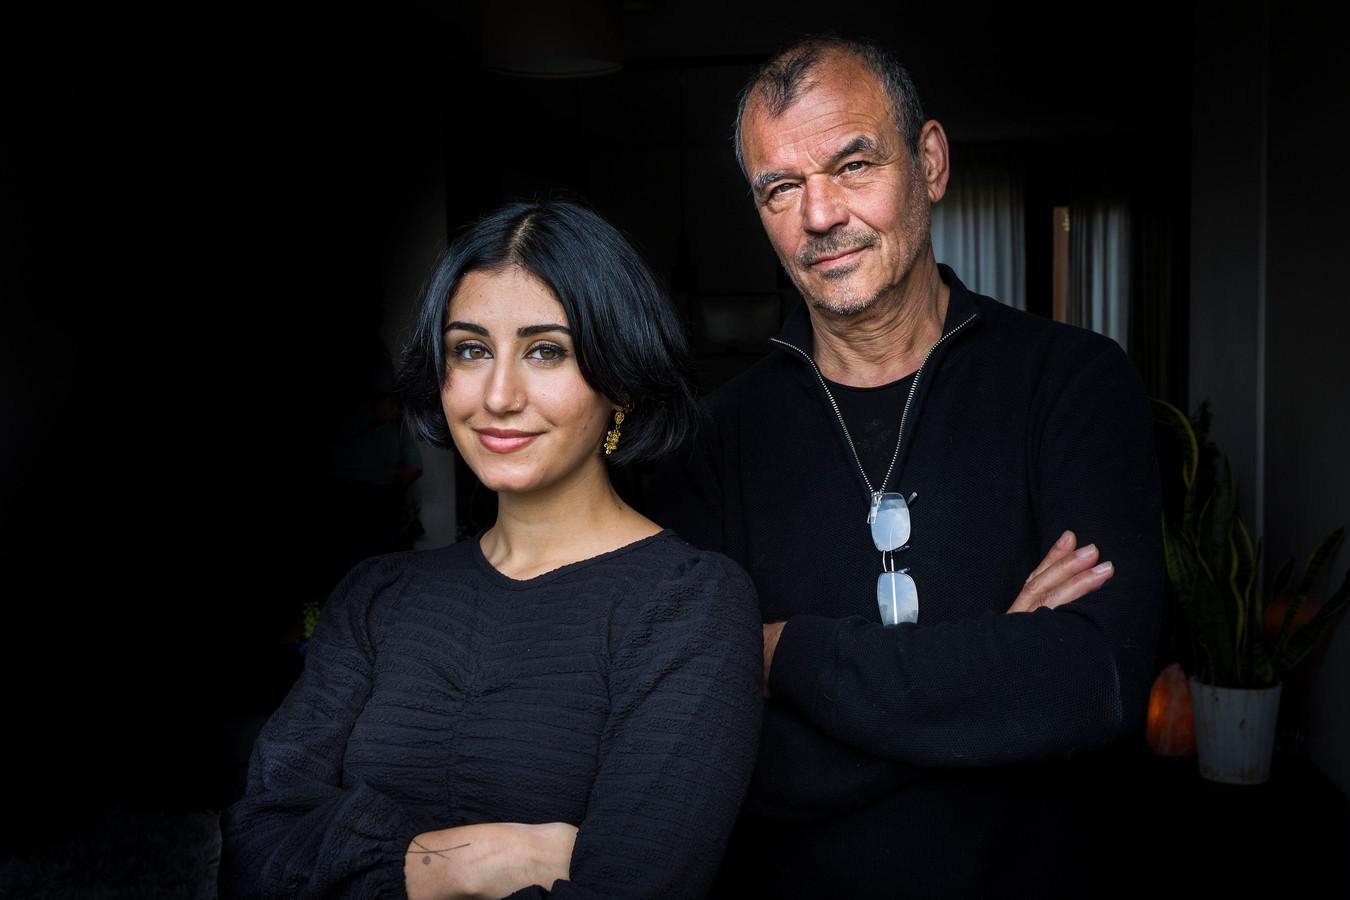 Naaz Mohammad en Ernst Jansz werden beiden depressief door de onverwerkte oorlogstrauma's van hun ouders.